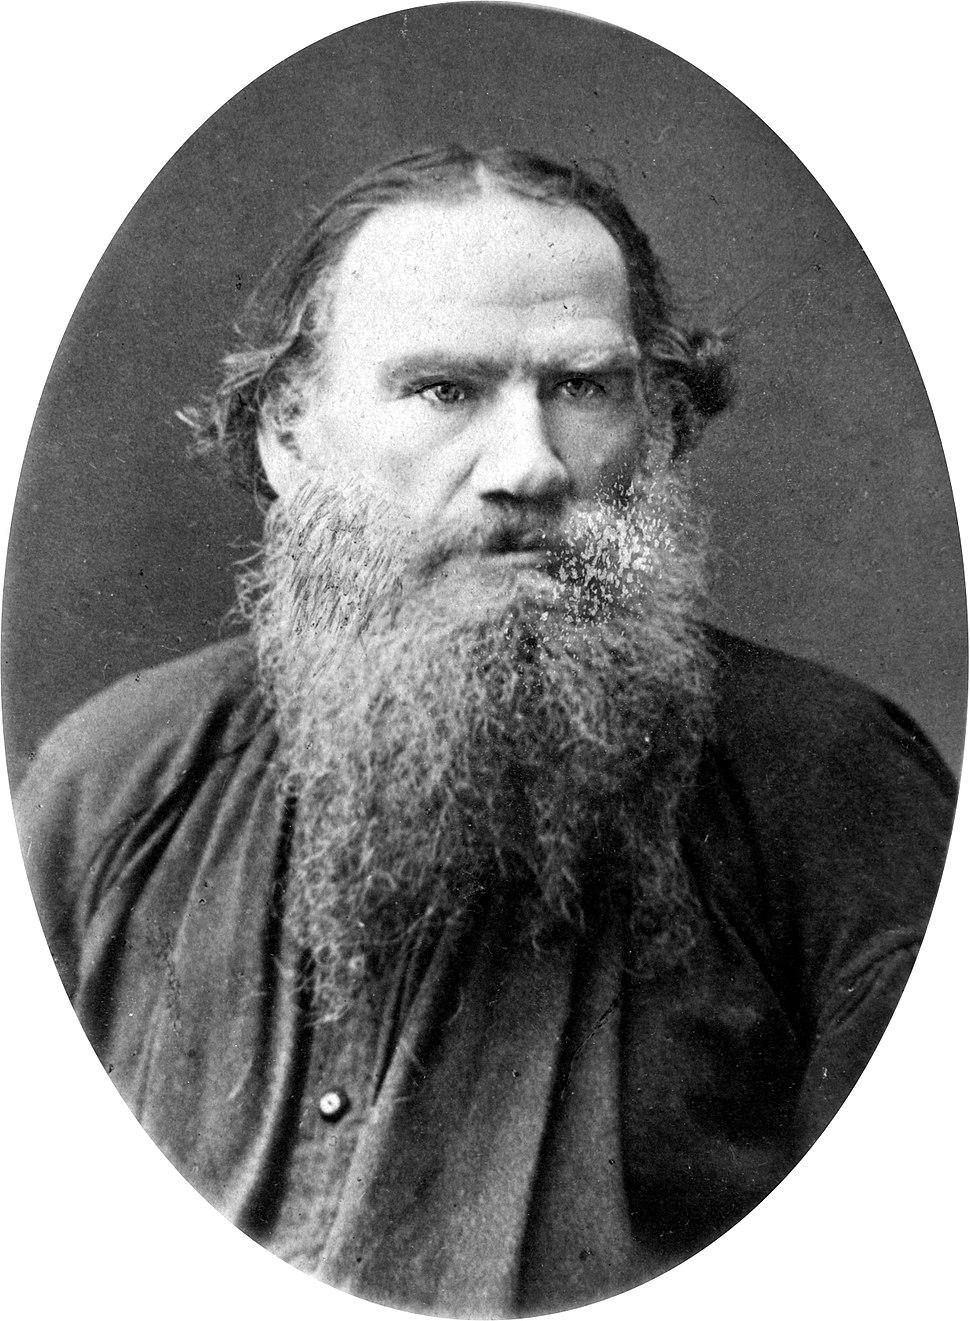 Leo Tolstoy, portrait